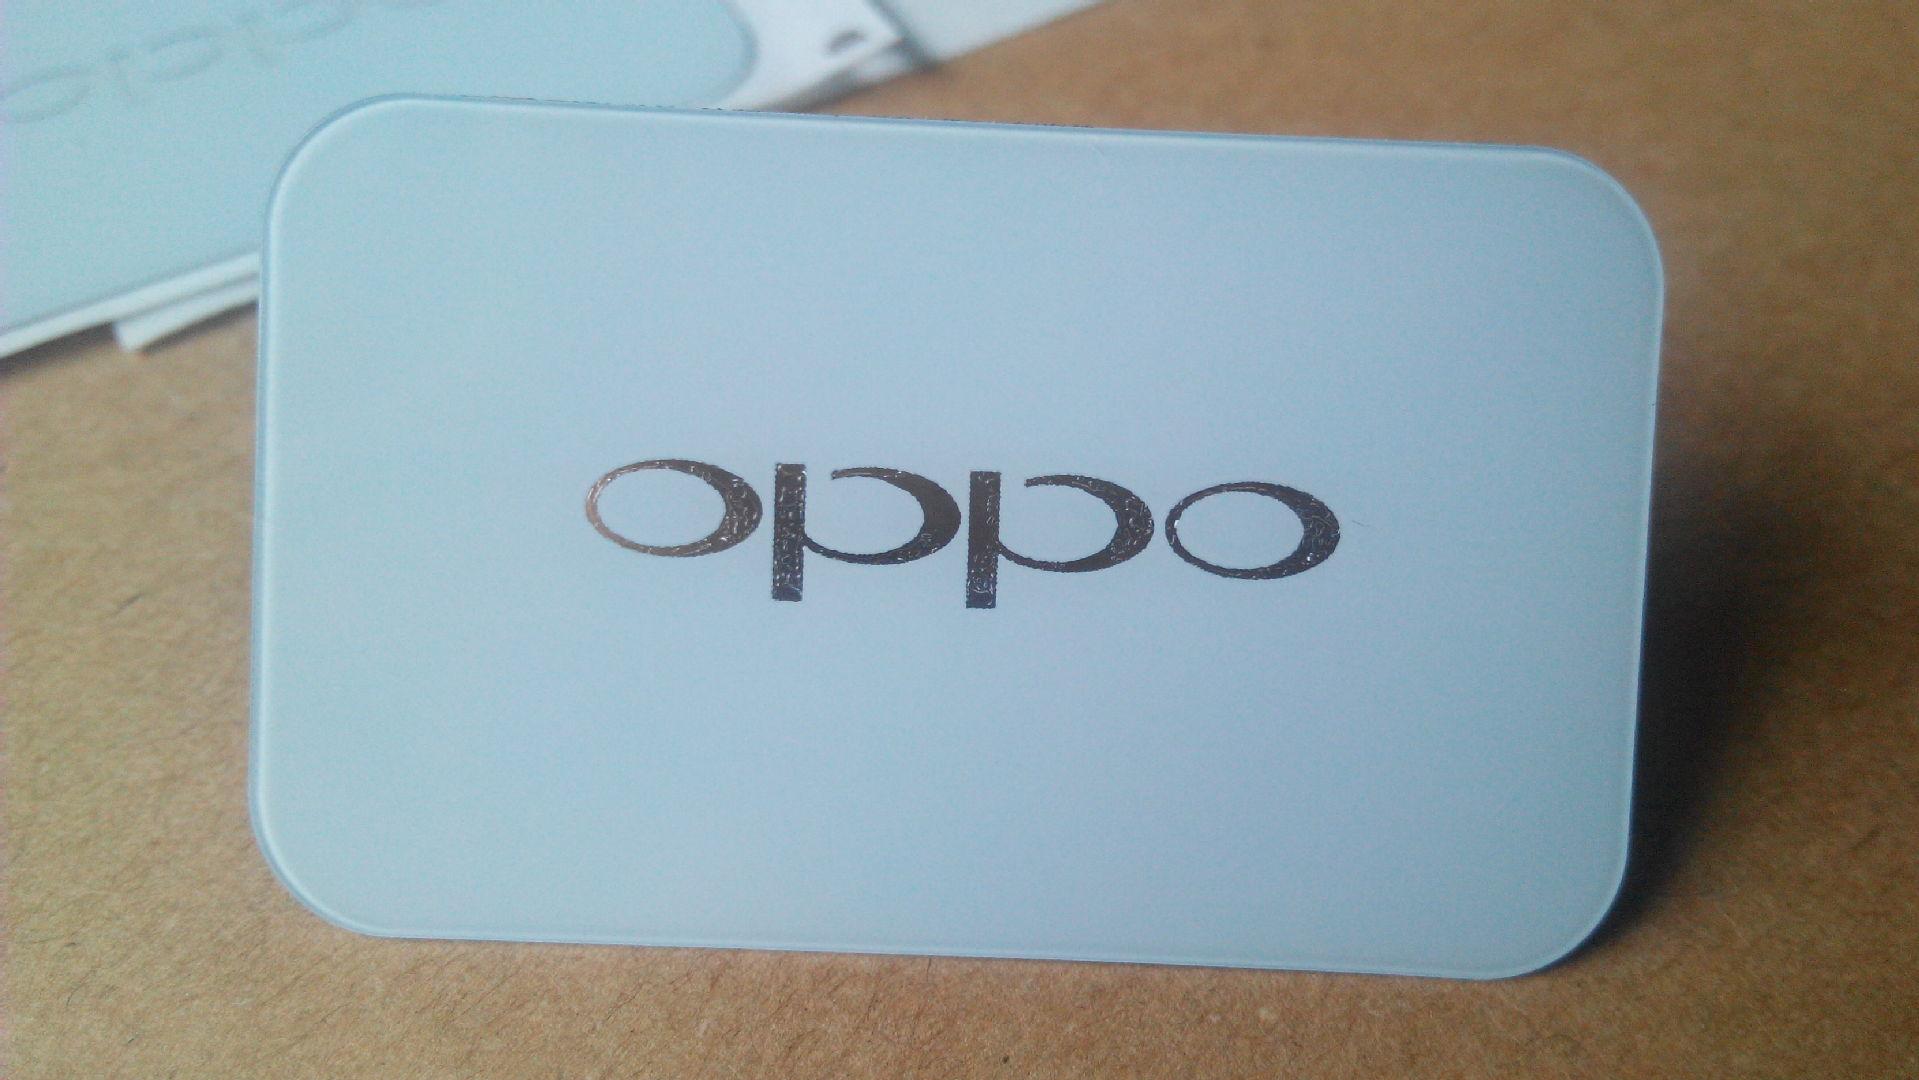 厂家供应环保 OPPO亚克力标牌 pvc铭牌 pc标牌 可定制量大